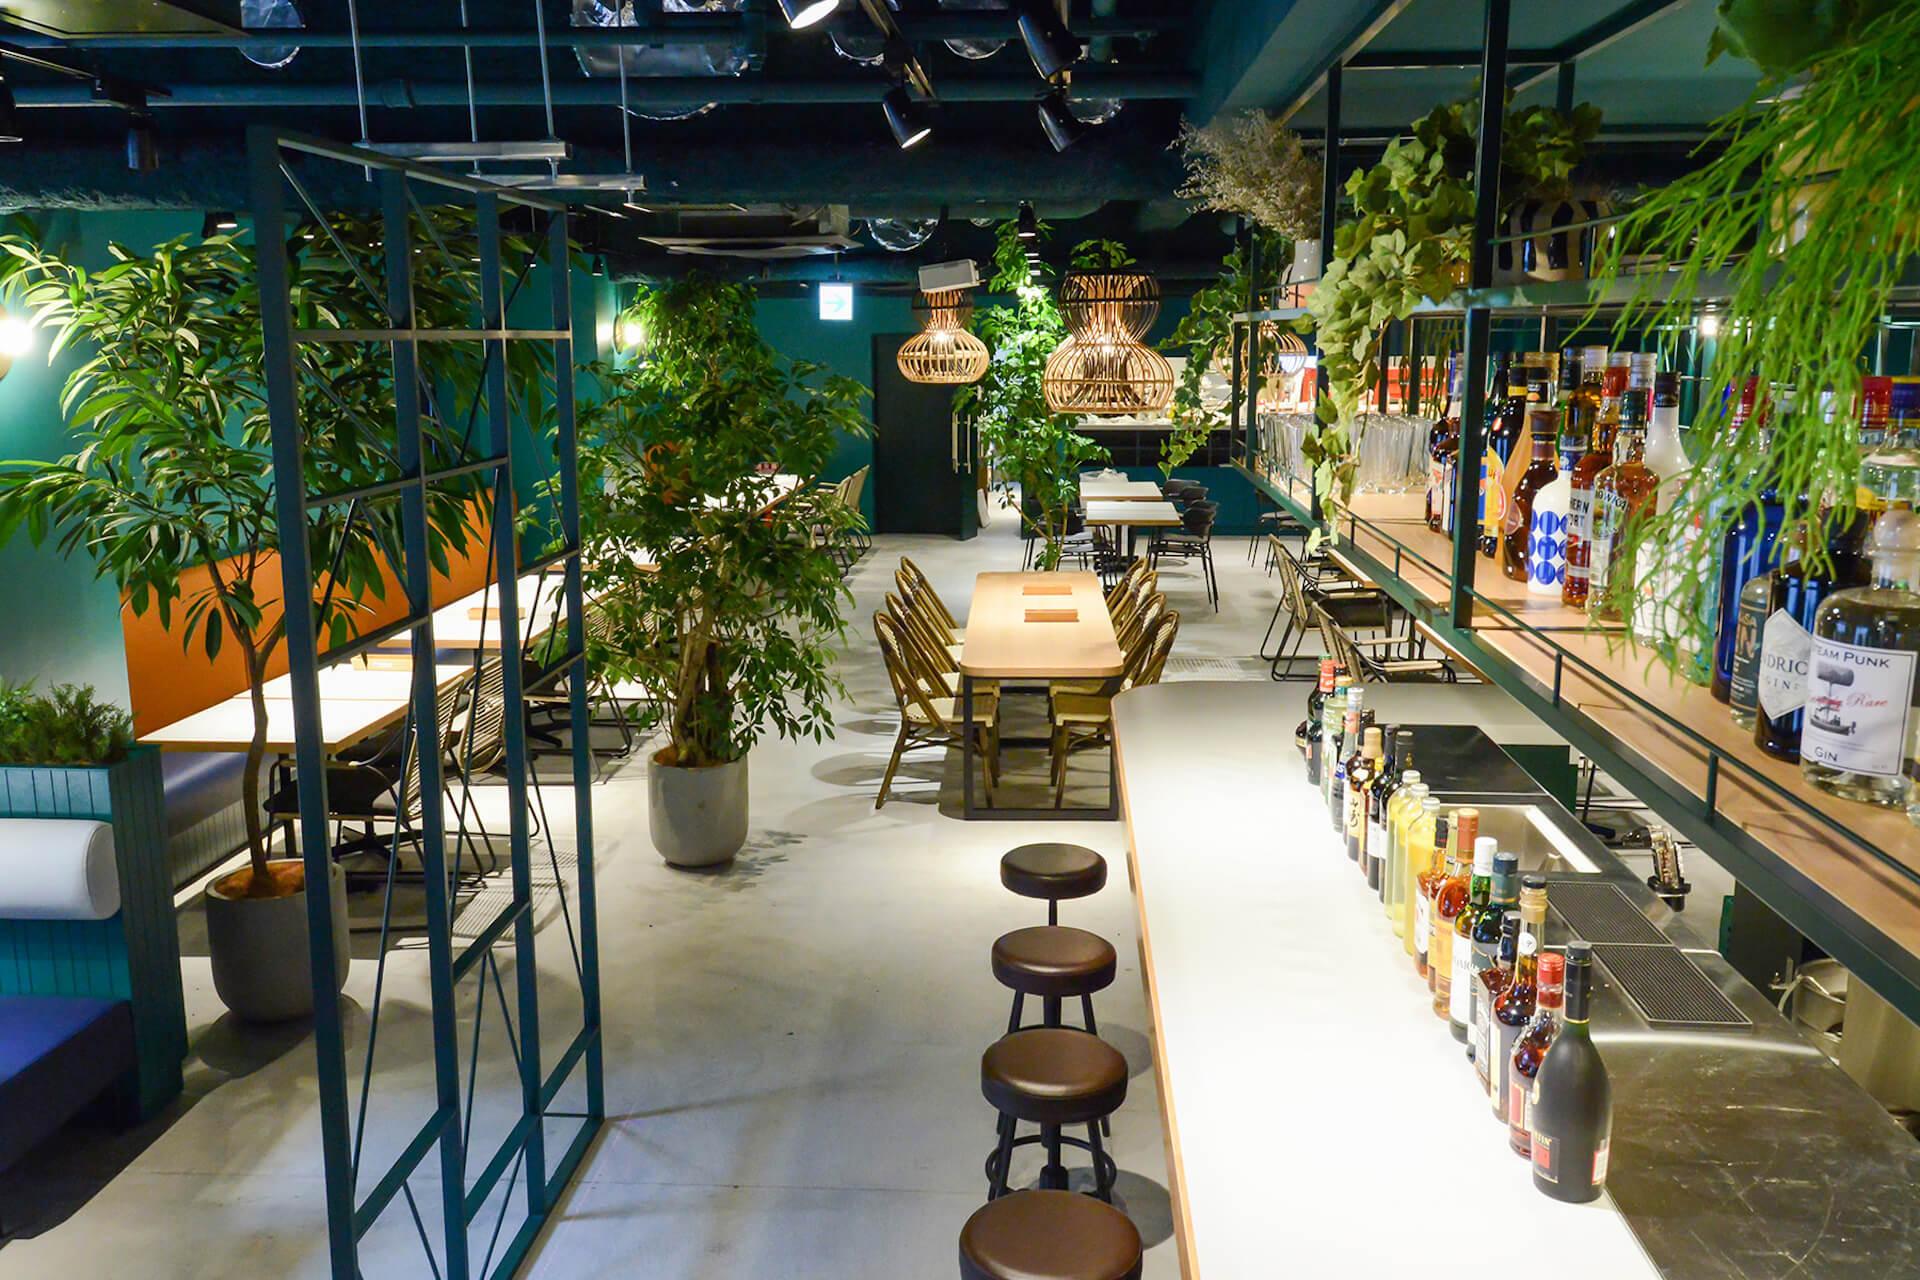 桜風呂や食べられる桜など限定メニューも!インドア花見「SAKURA CHILL BAR」が渋谷で期間限定開催決定 gourmet200218_sakurachill_08